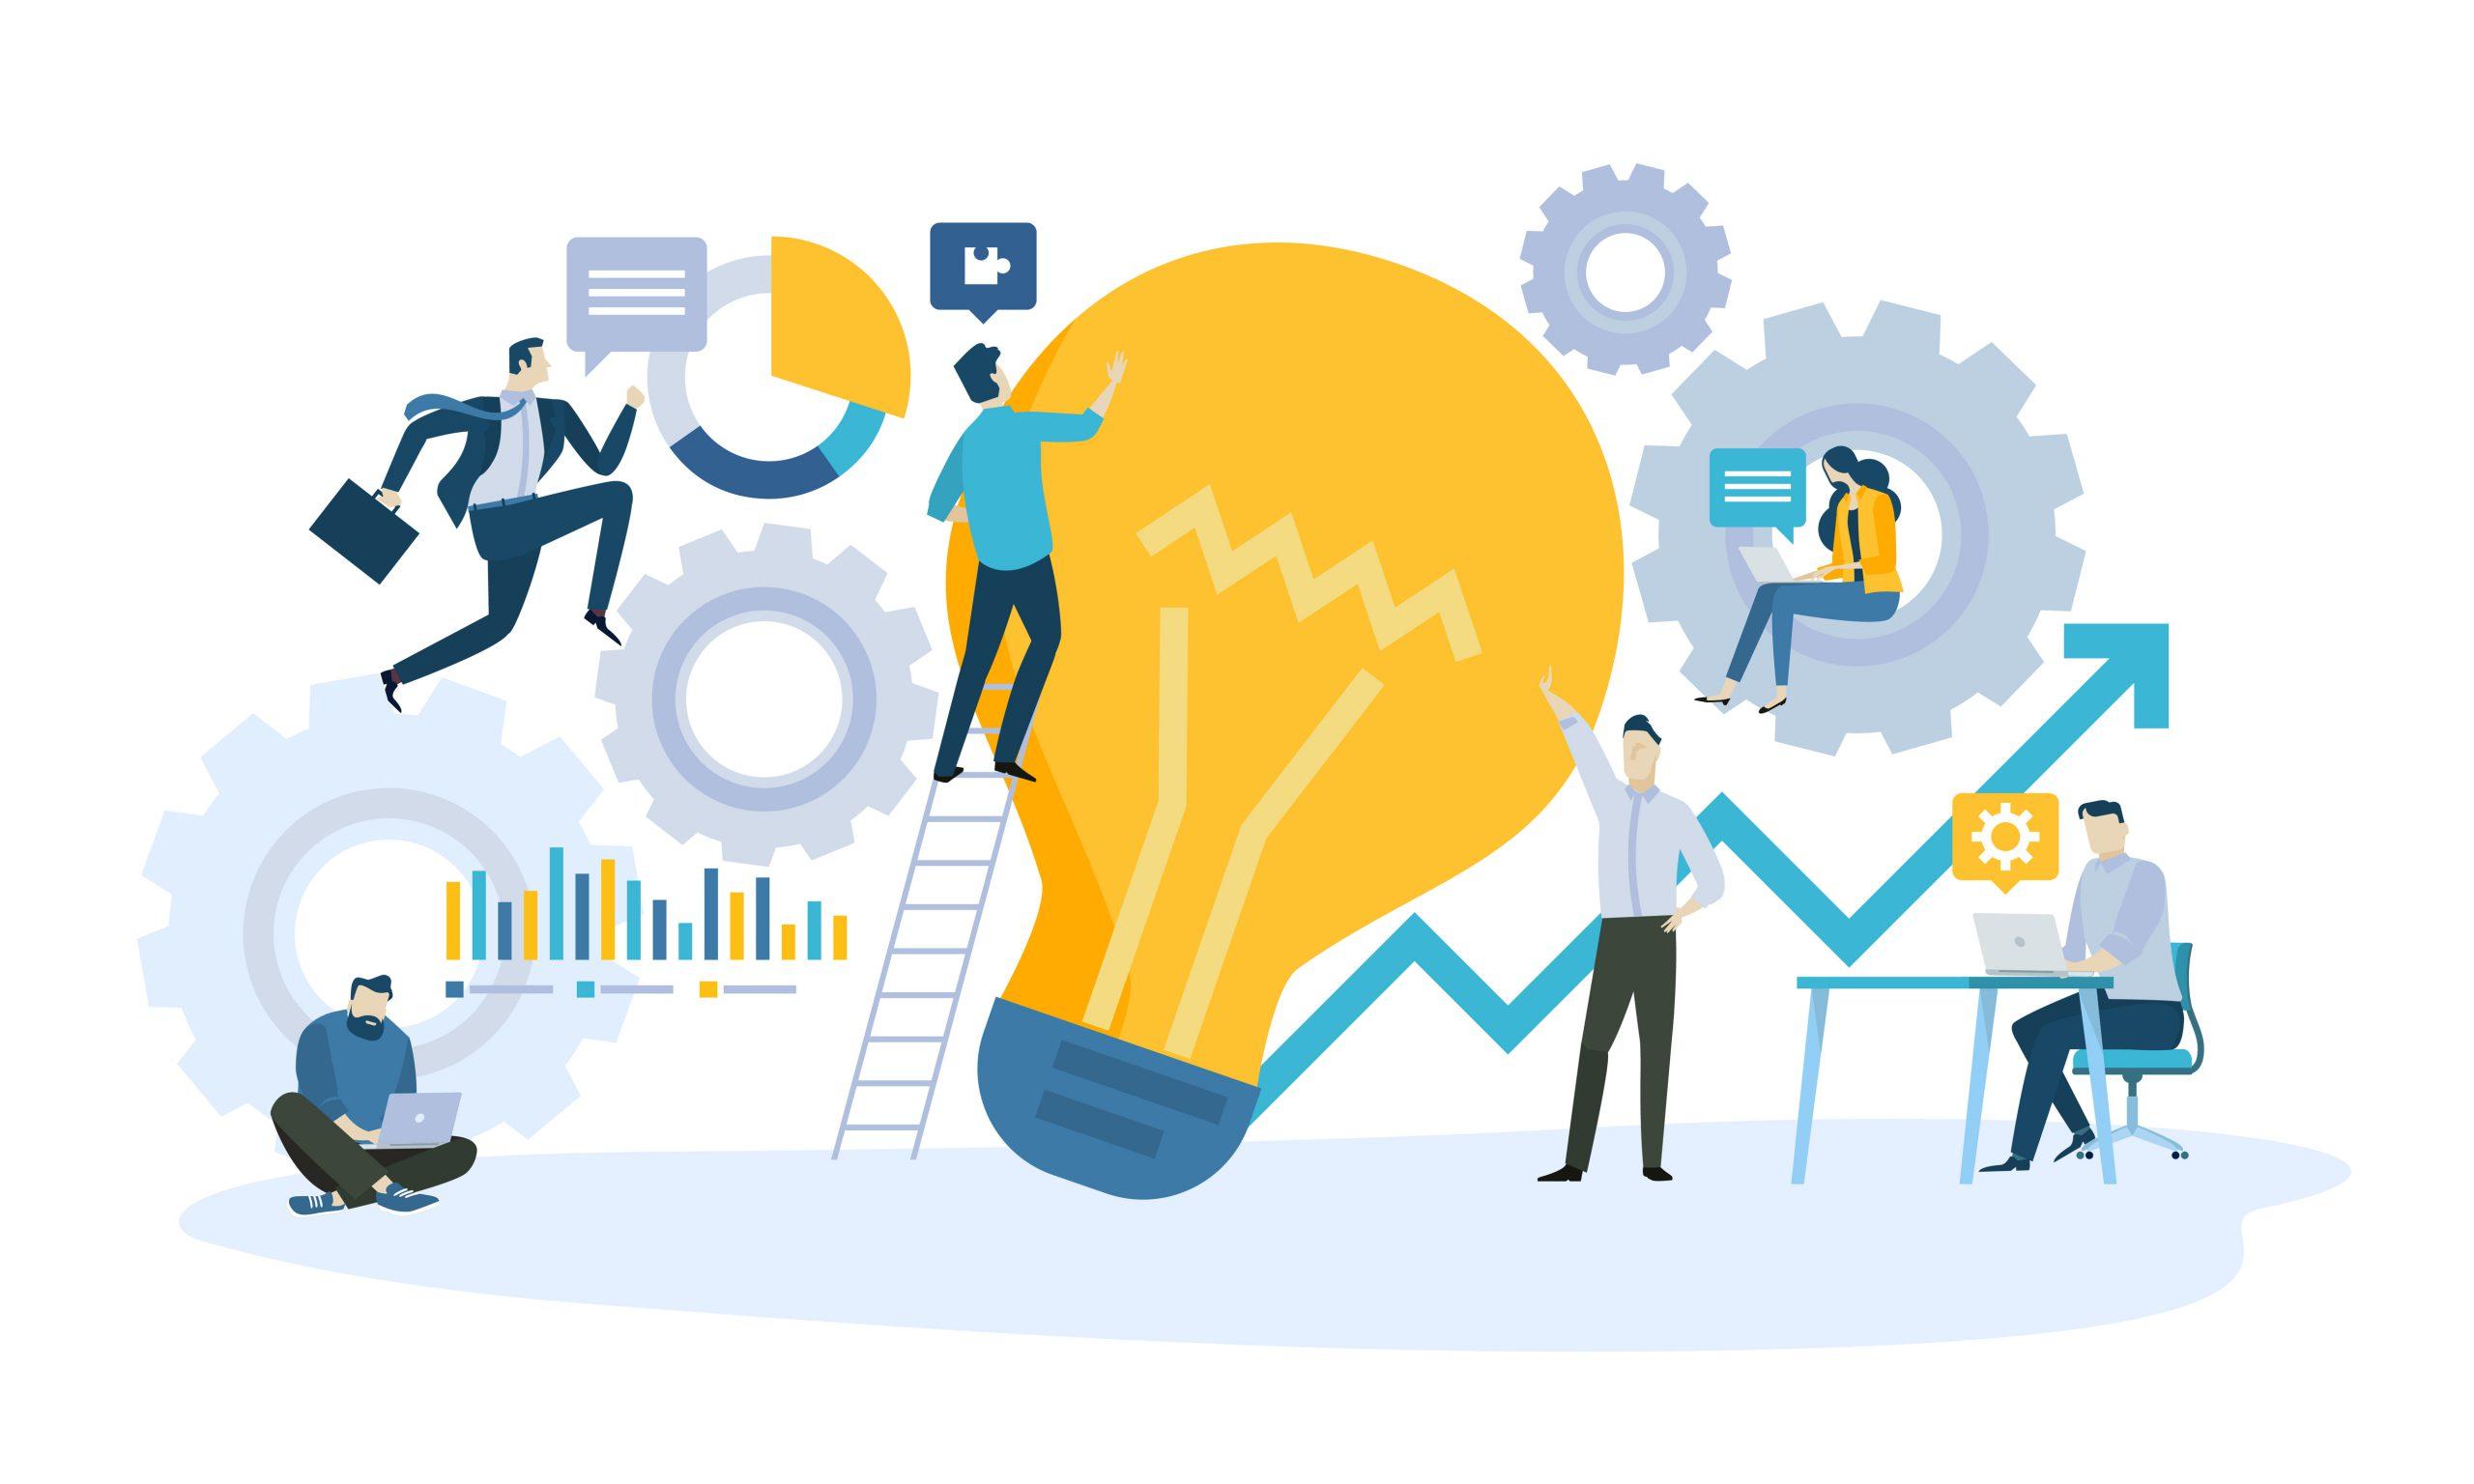 紙業務を電子化するイメージワークフローの実現方法について紹介